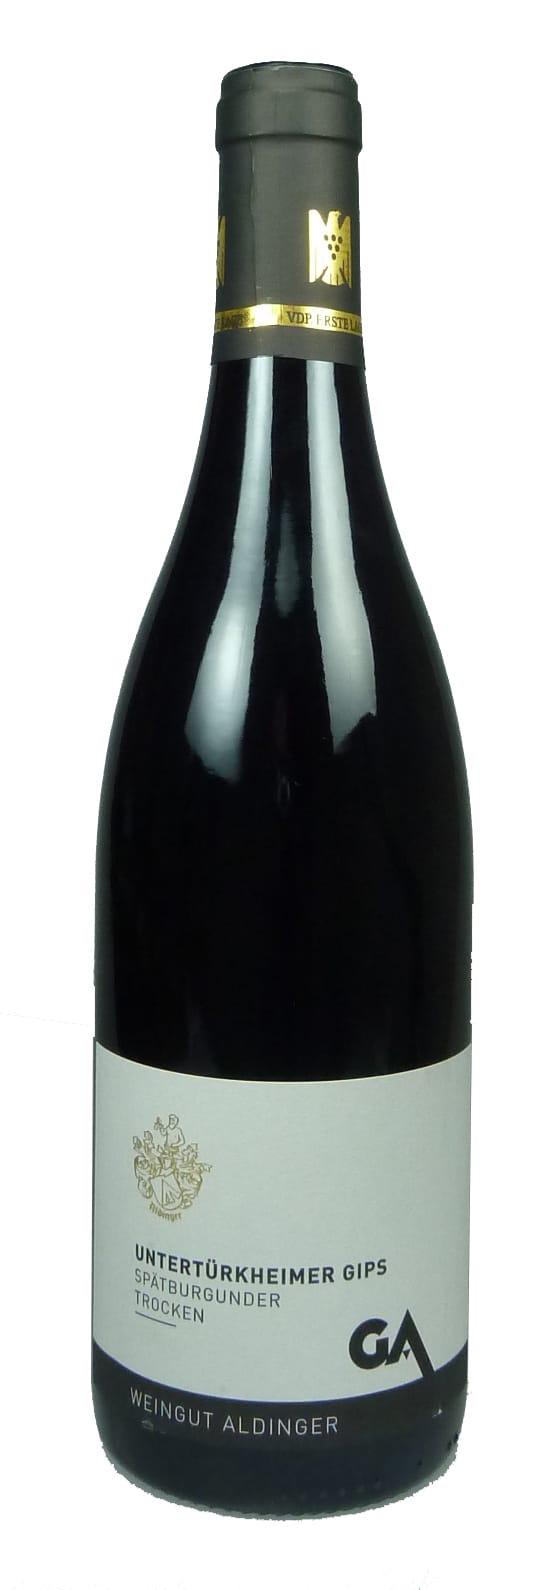 Untertürkheimer Gips Spätburgunder Erste Lage Qualitätswein trocken 2016